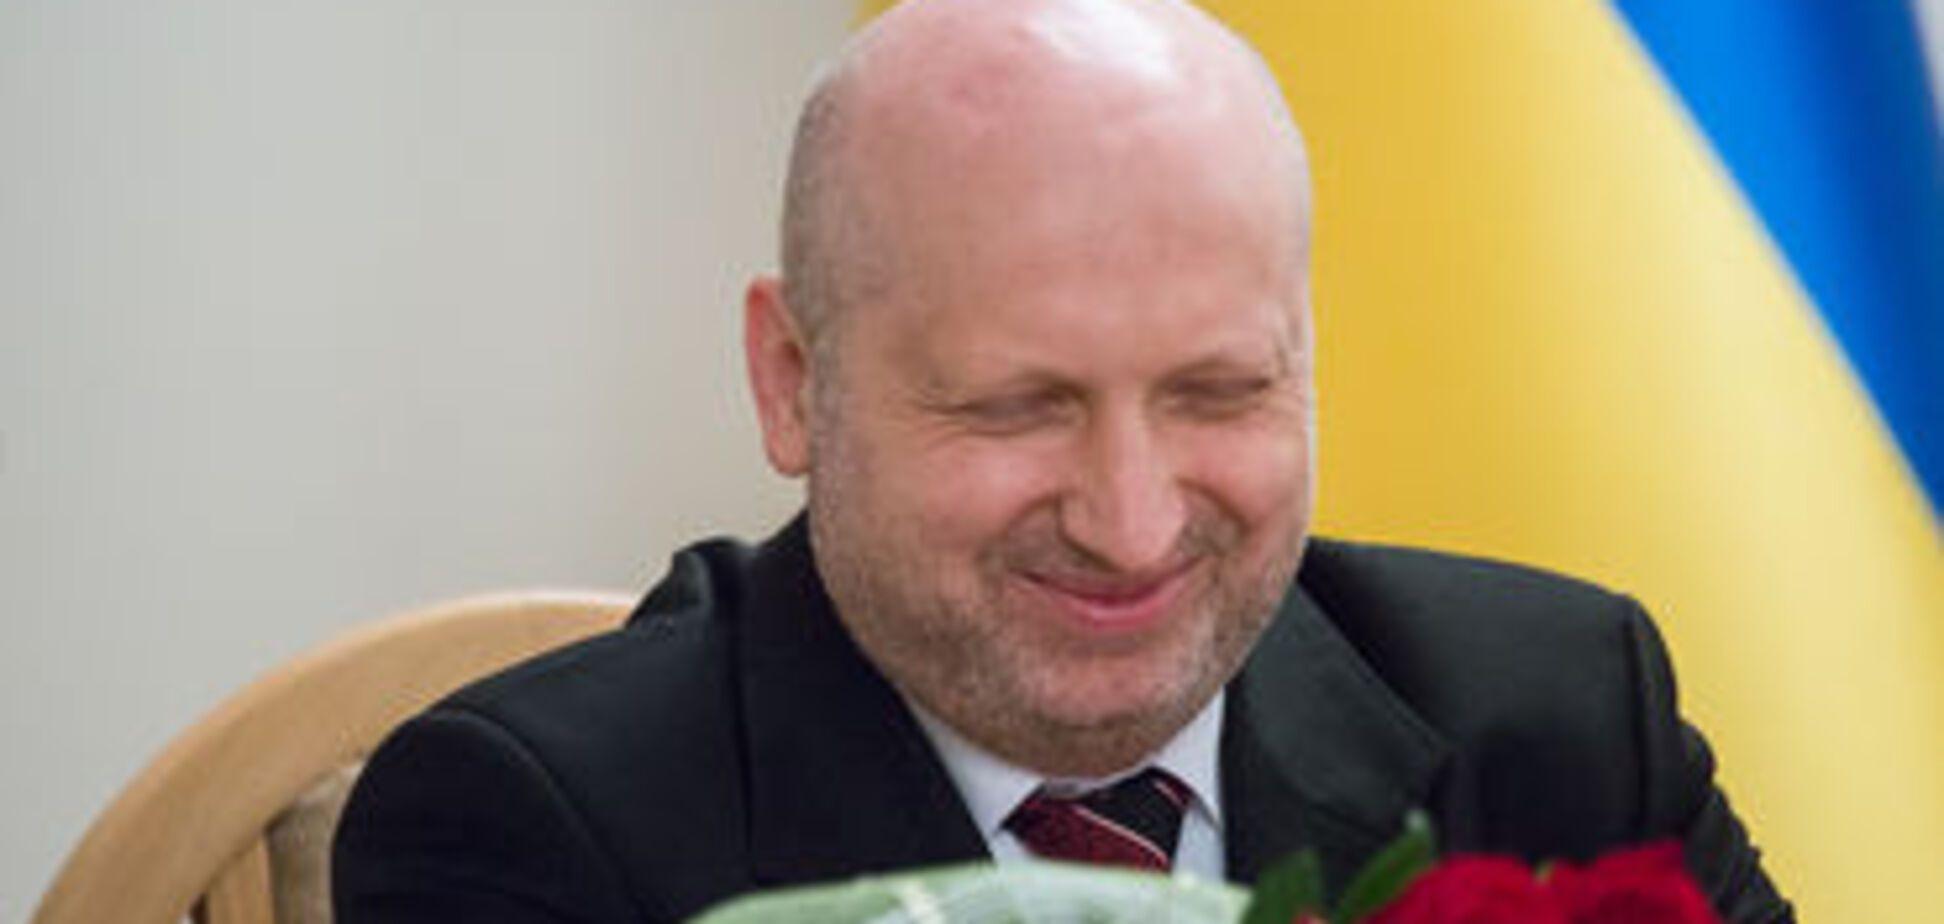 'В кулечек, и куда надо': Турчинов потроллил россиян новым контролем на границе